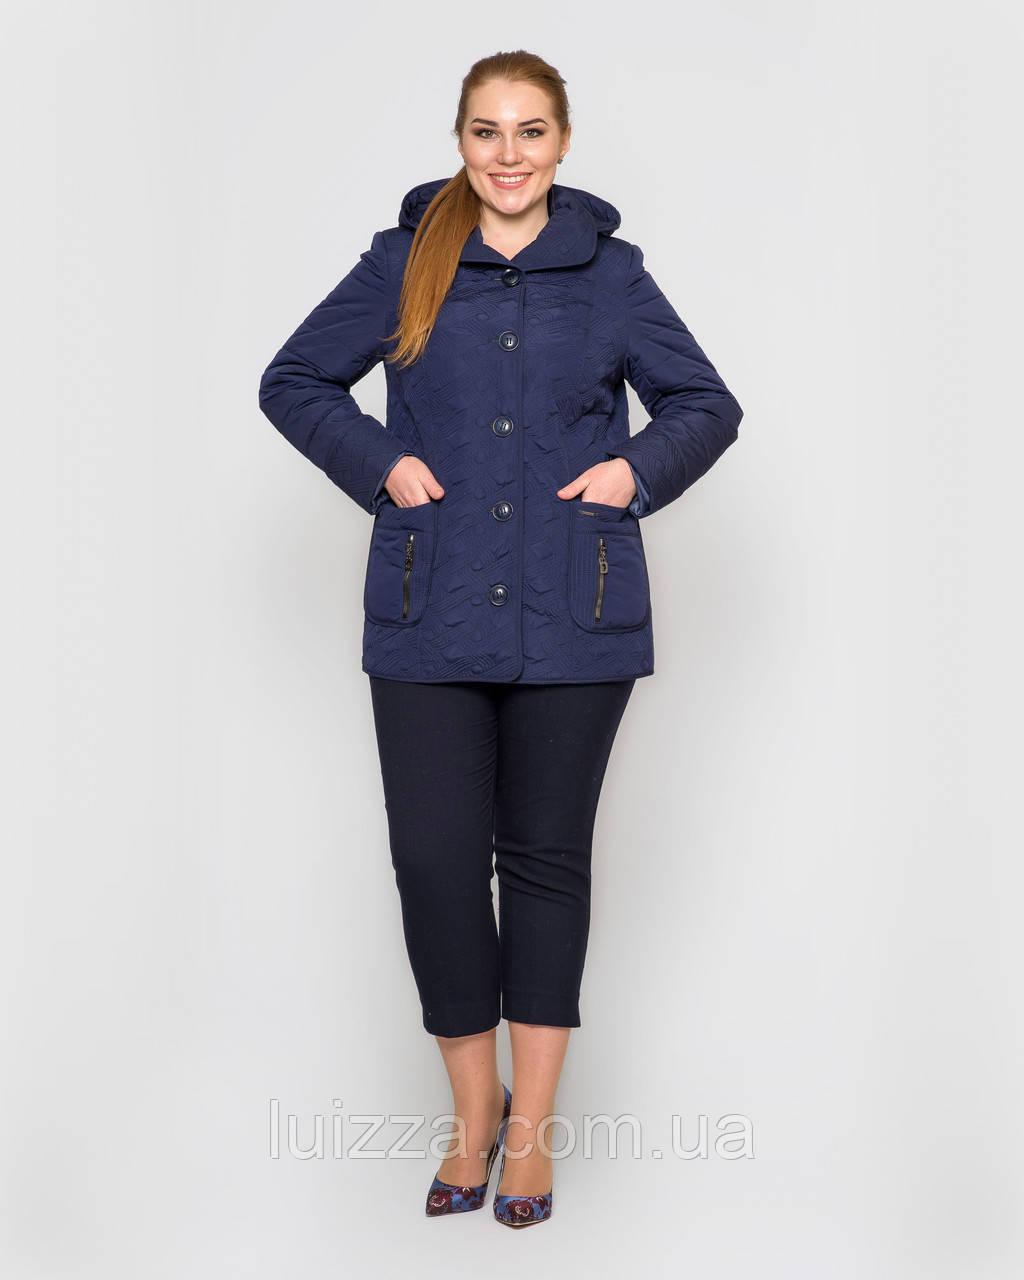 Женская куртка, стеганная узором 50-62рр синяя 56